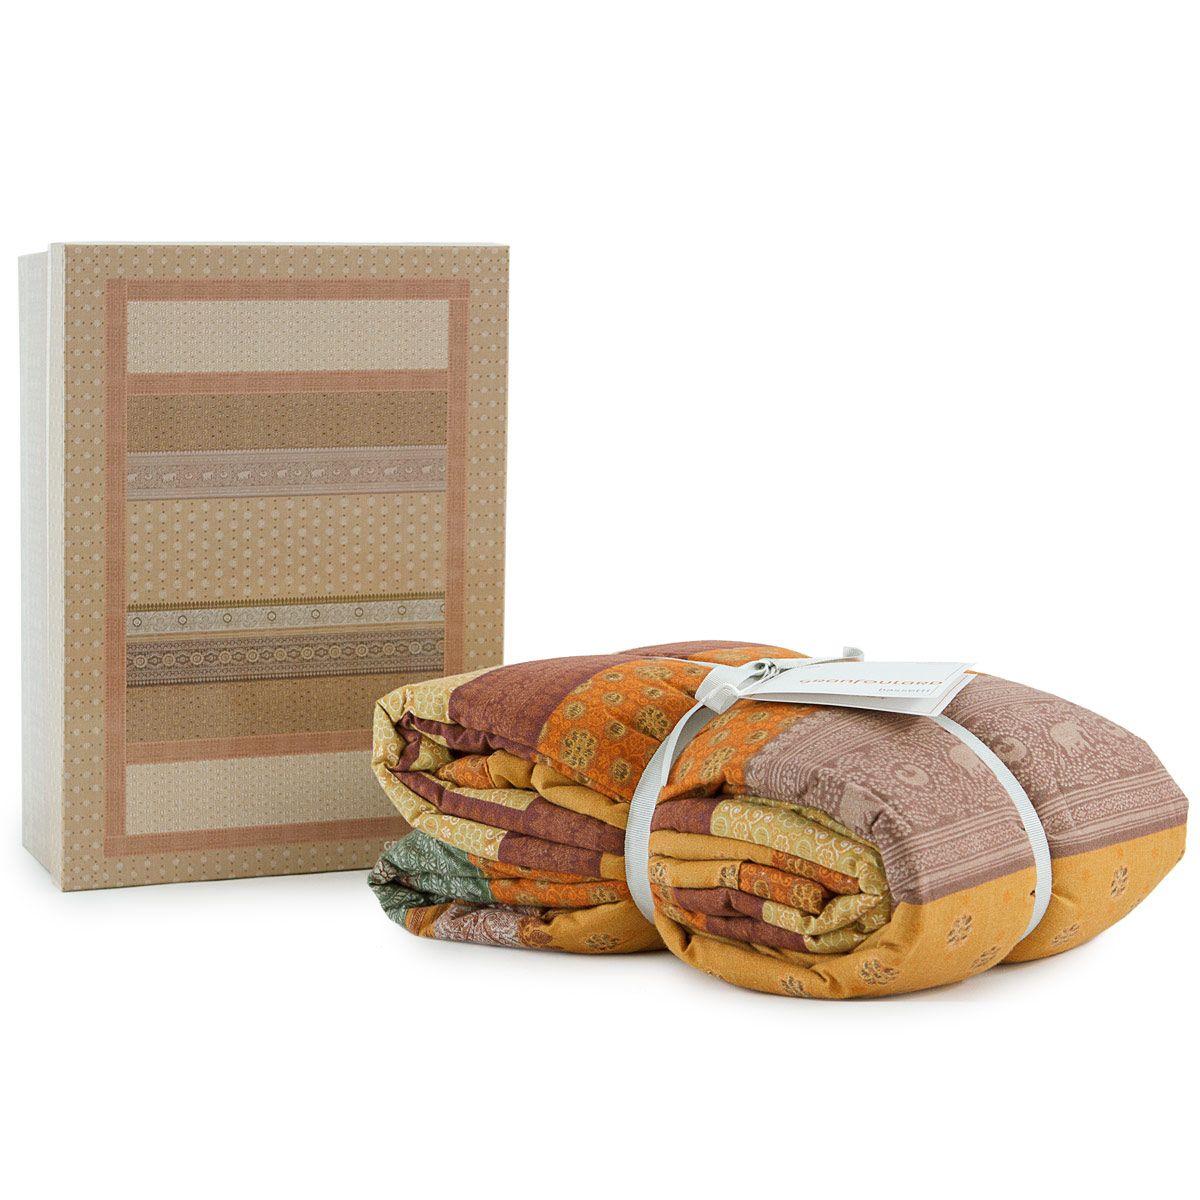 Grand Foulard trapuntato Cortona di Bassetti e la sua confezione. Una raffinata idea regalo. www.carillobiancheria.it